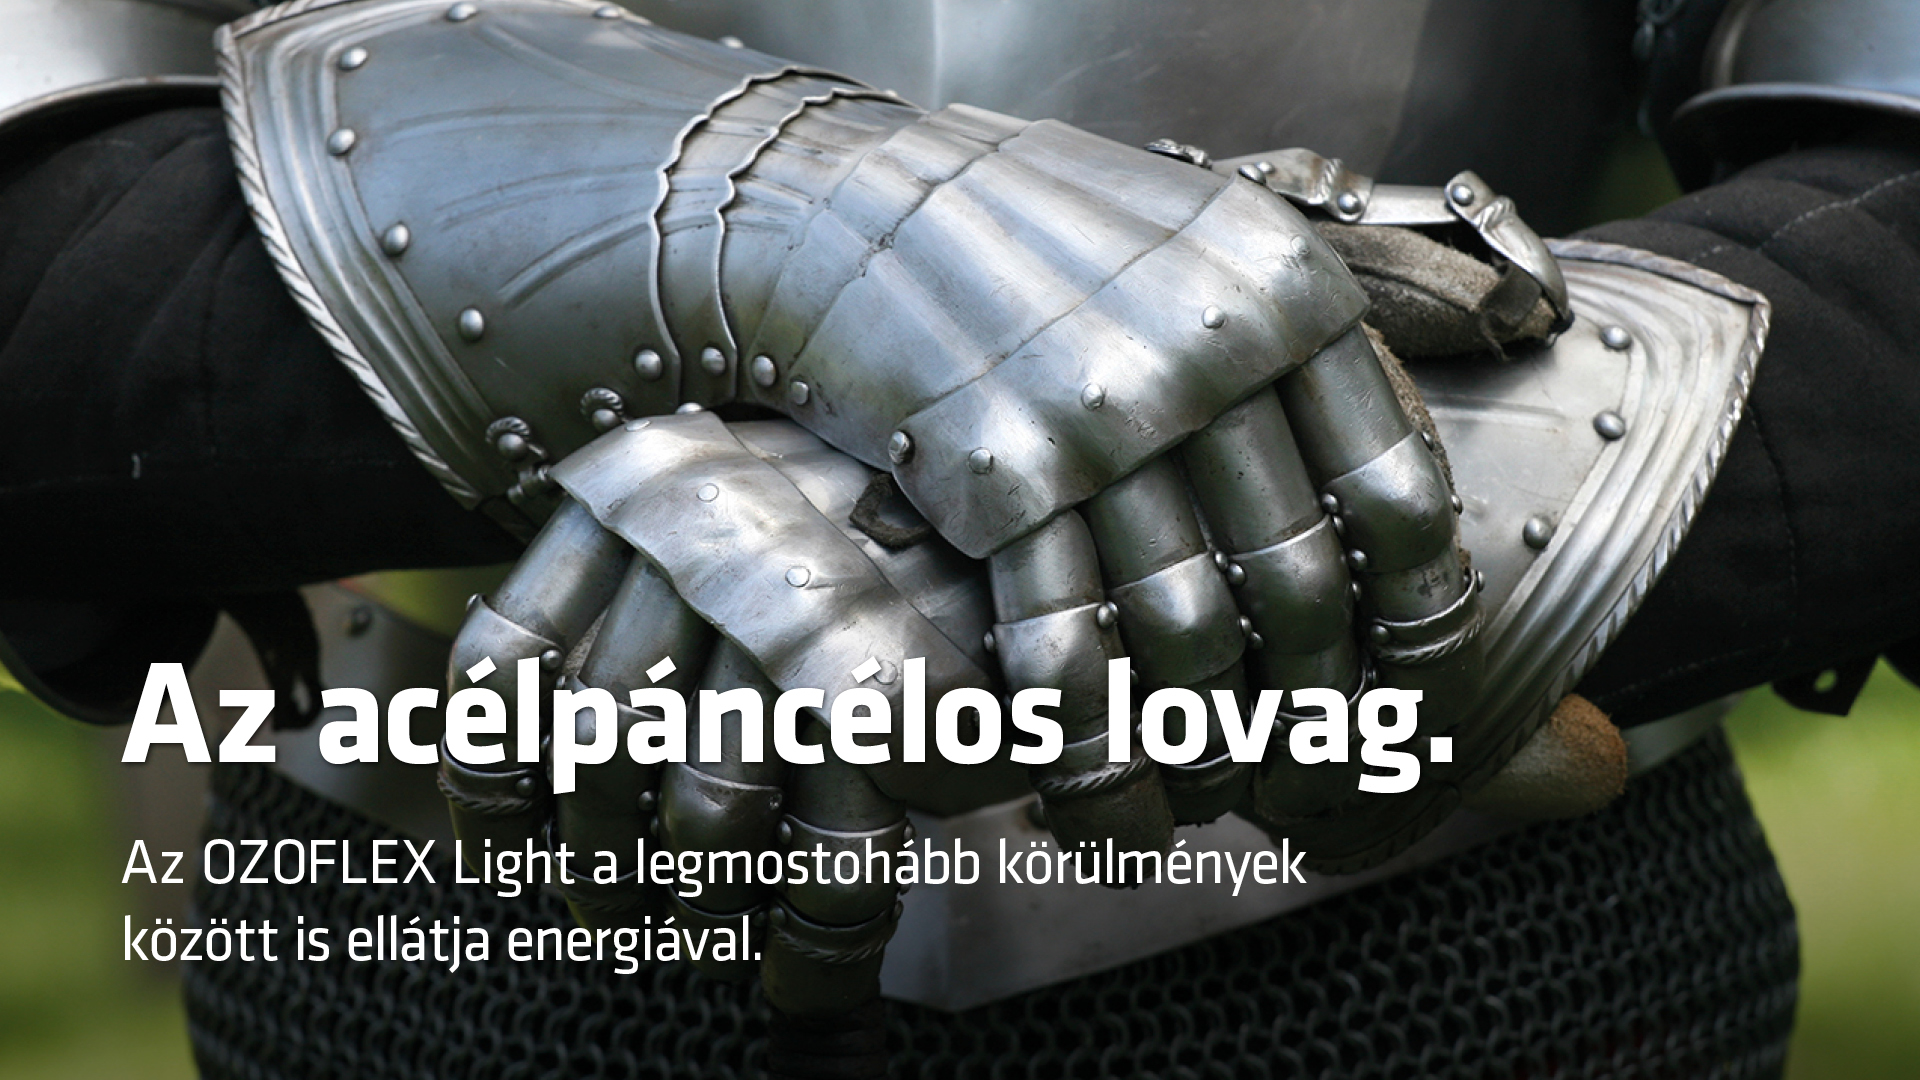 Ozoflex Light brossúra